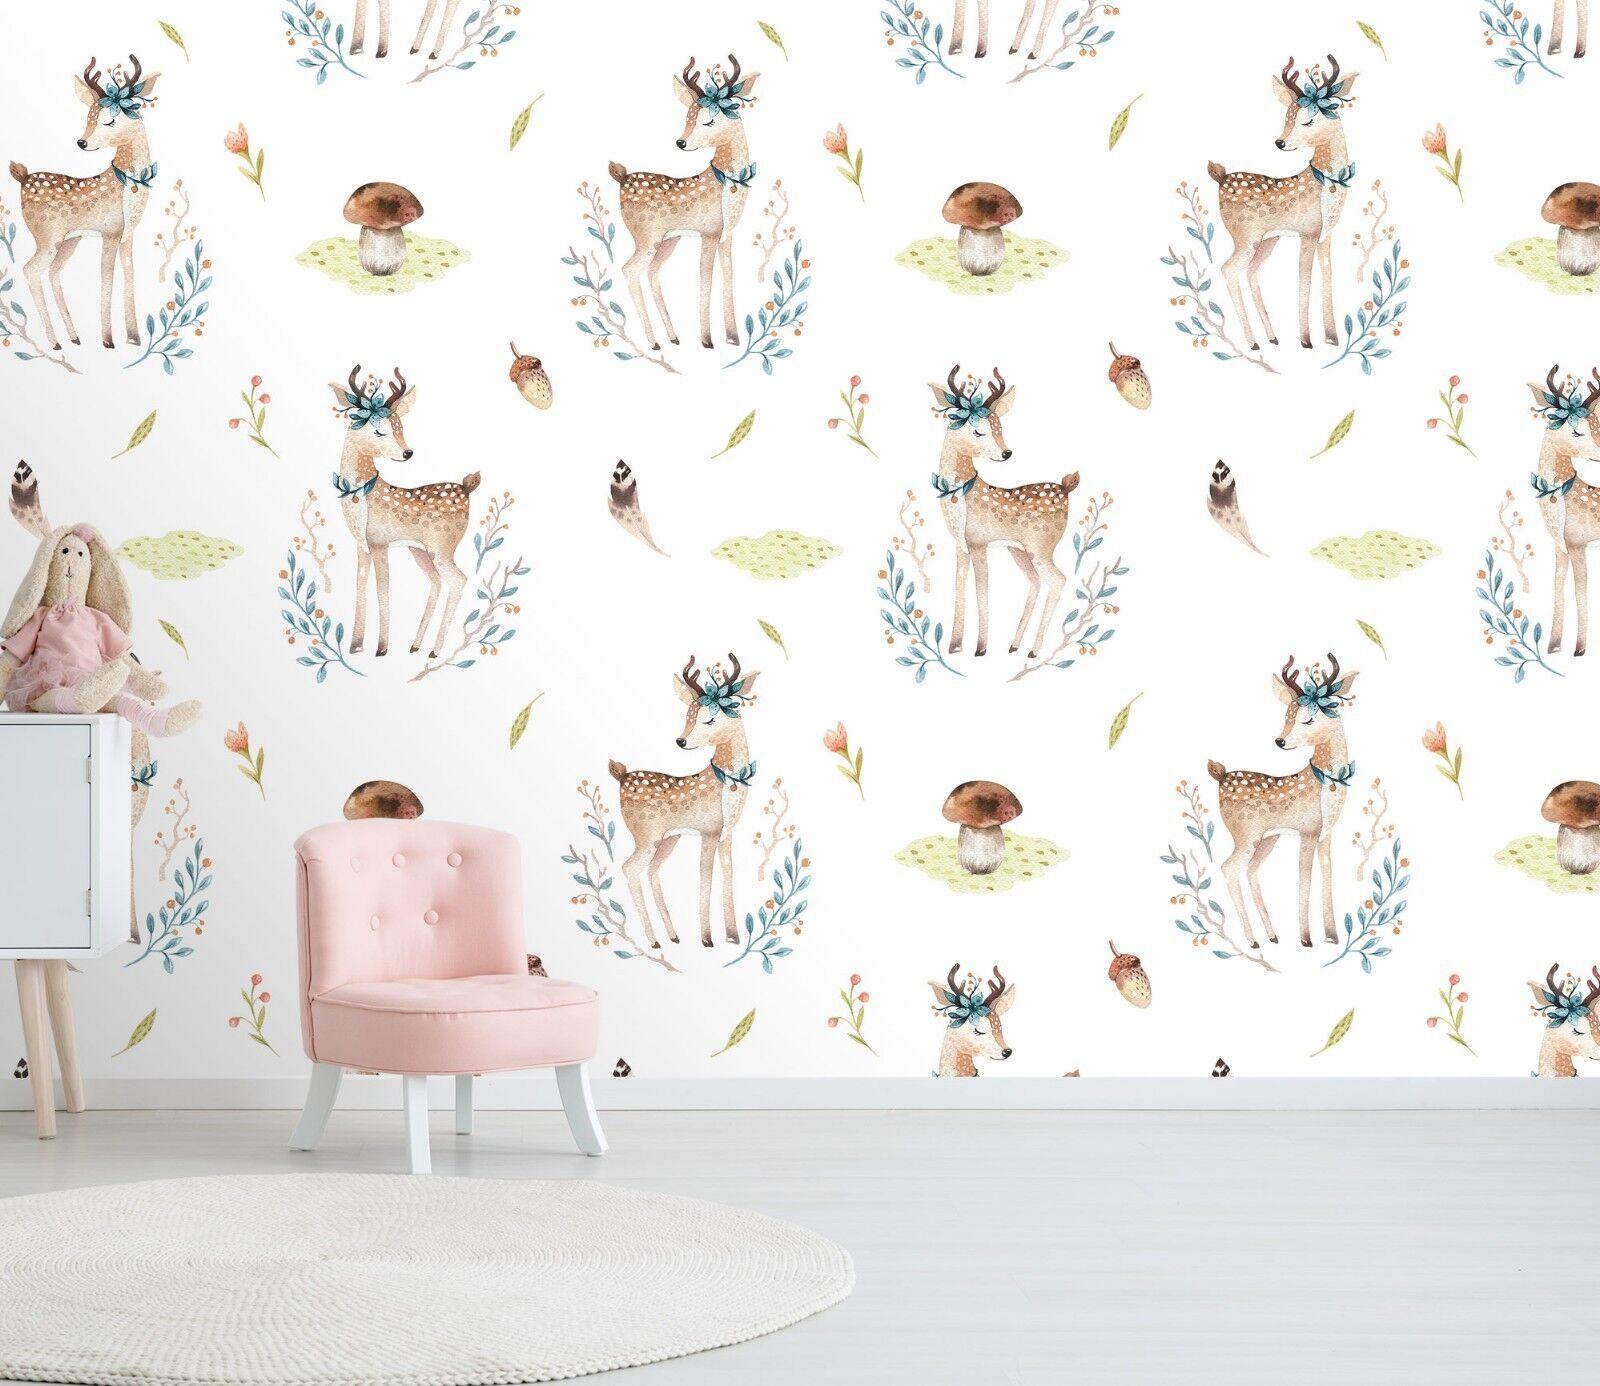 3D Mushroom Garden Deer 45 Wall Paper Wall Print Decal Wall Deco Indoor Murals